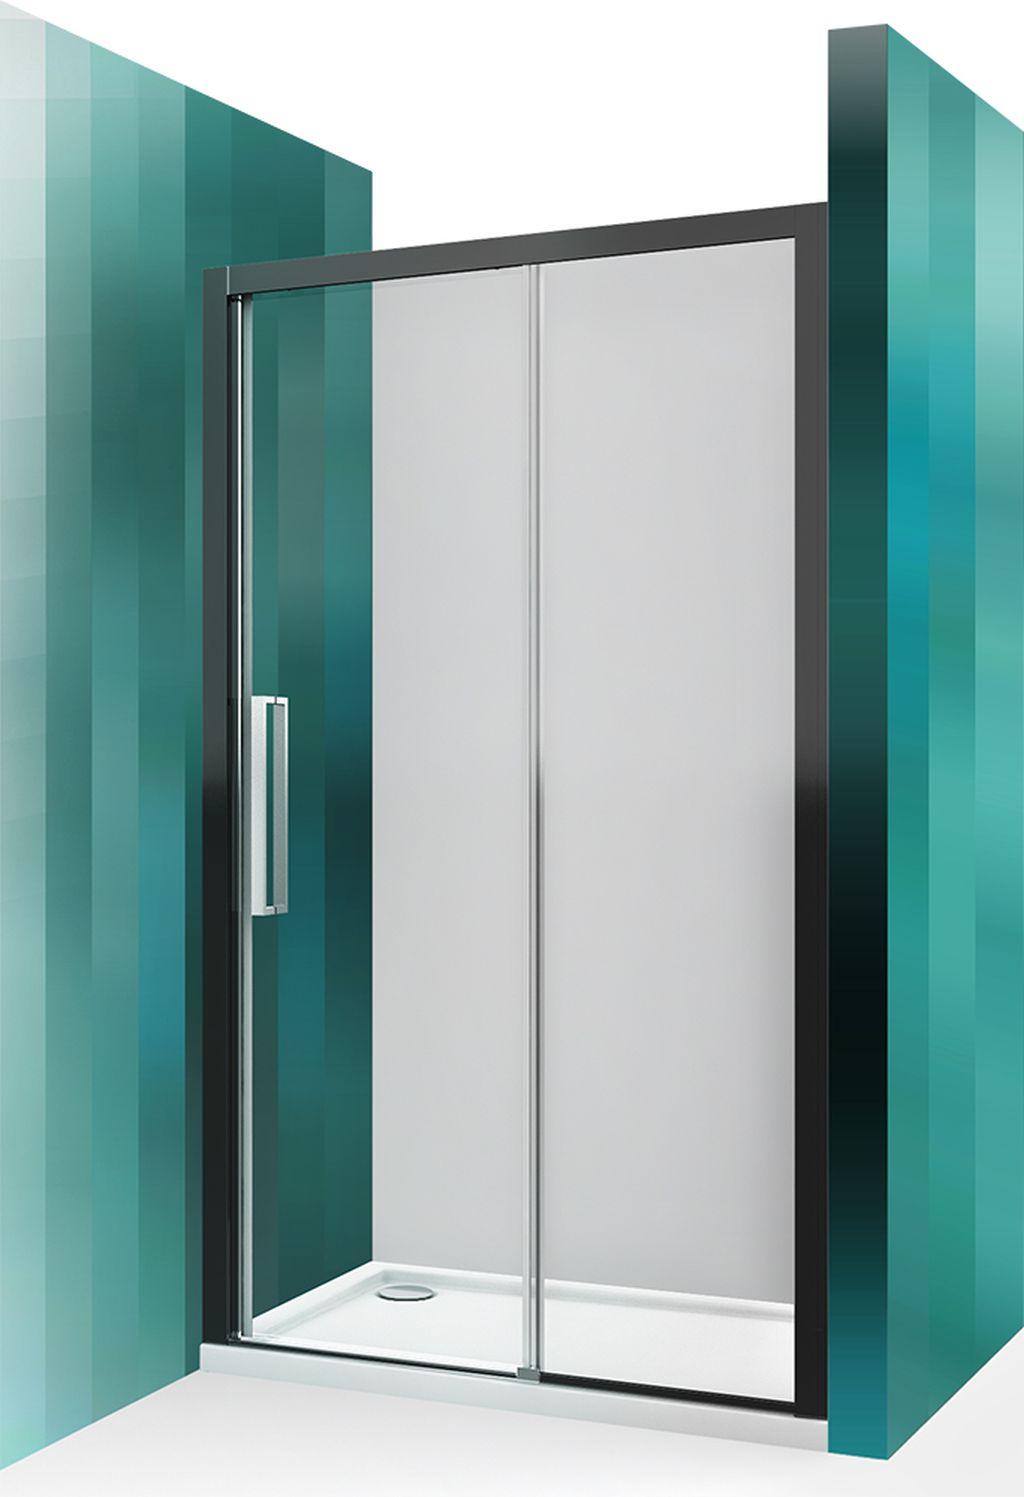 ROLTECHNIK Sprchové dveře posuvné pro instalaci do niky ECD2P/1400 černý elox/transparent 565-140000P-05-02